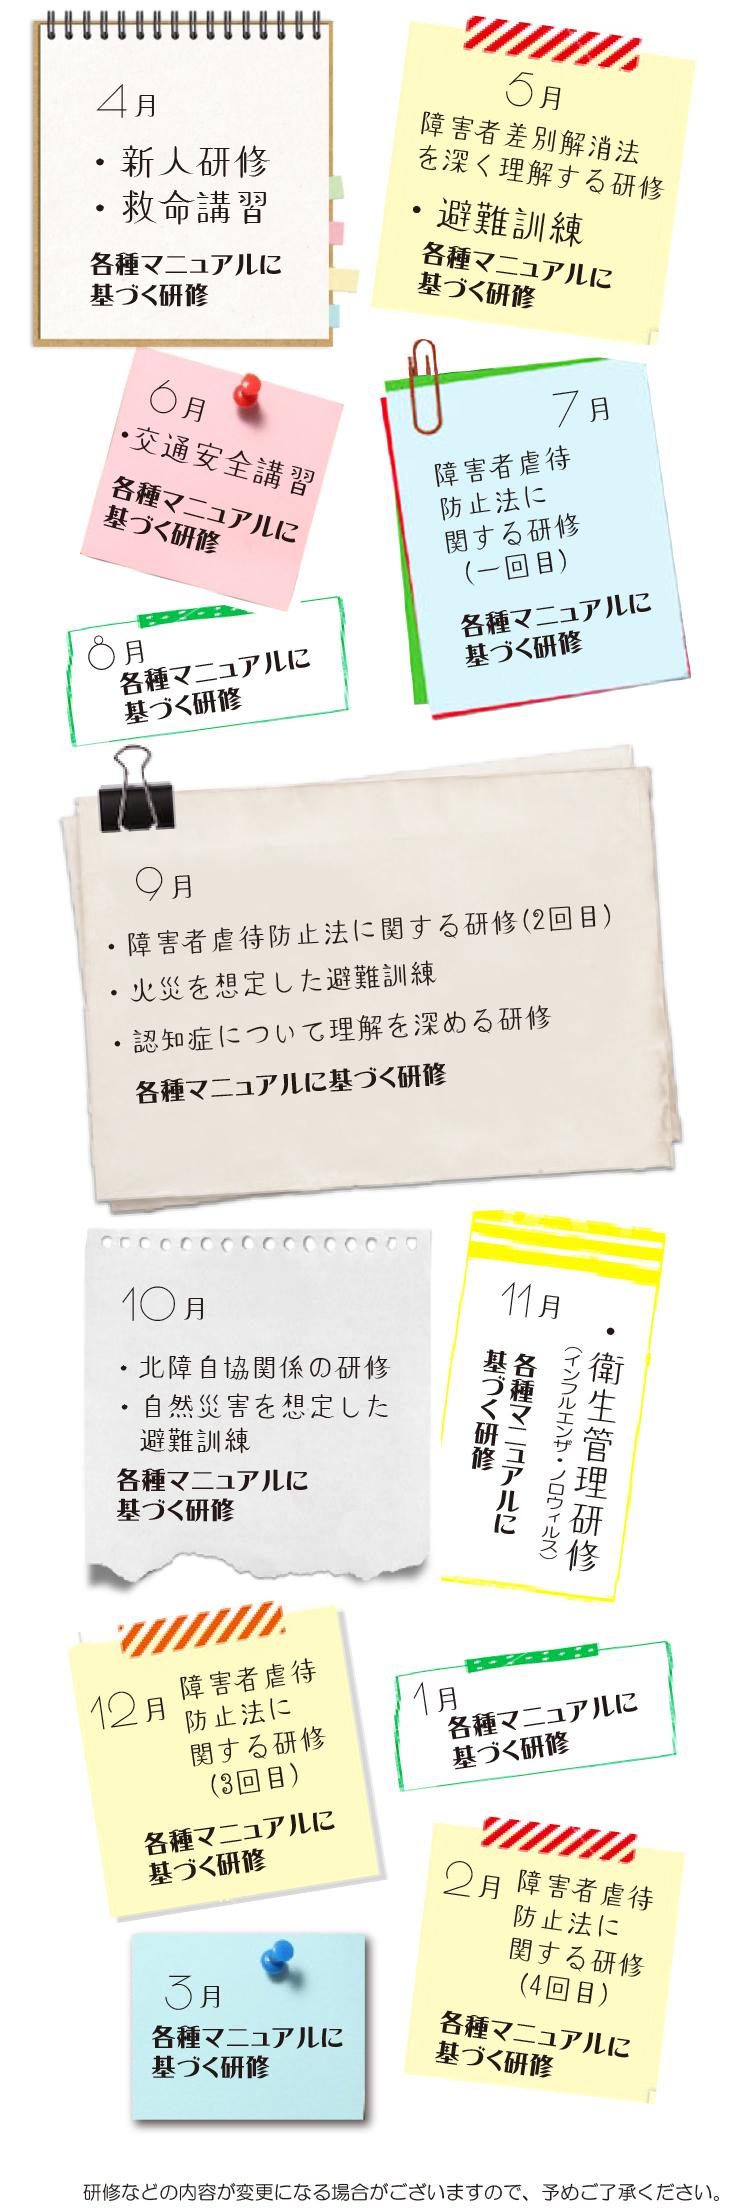 ㈾研修推進事業¥㈾記事001